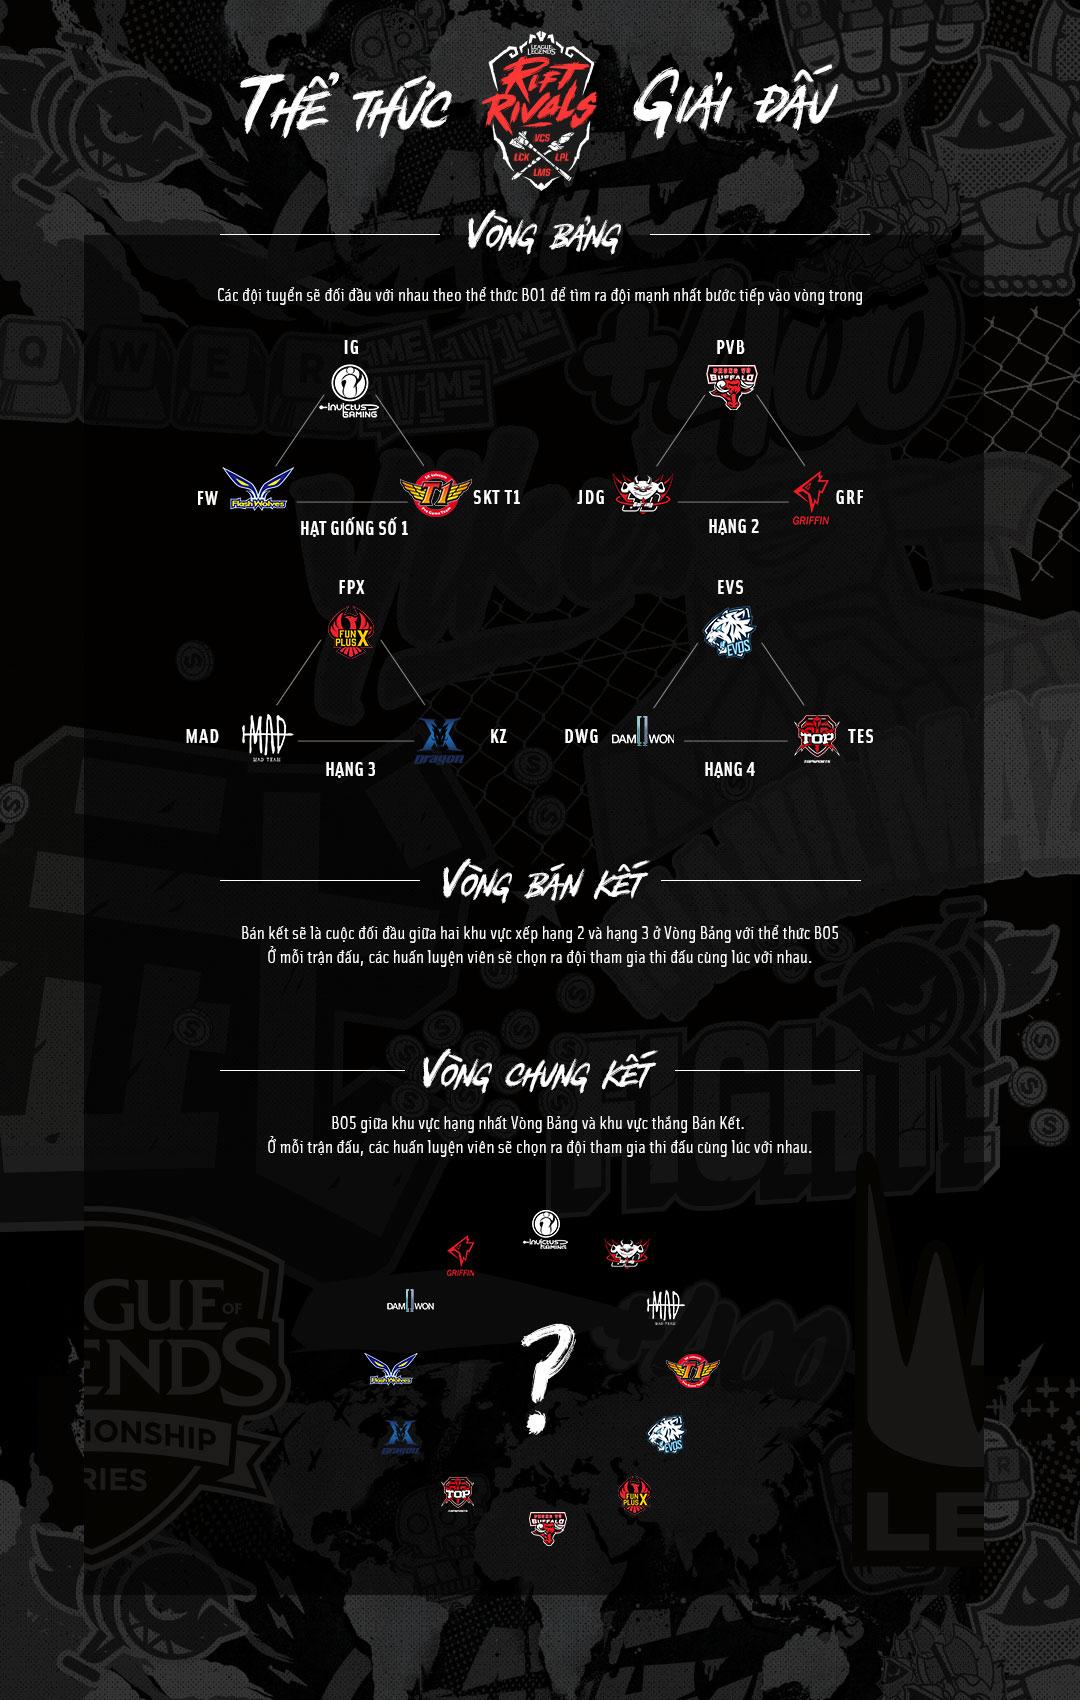 EVOS và PVB được Riot mời tham dự Rift Rivals, đối đầu toàn anh tài như SKT và IG - Hình 3